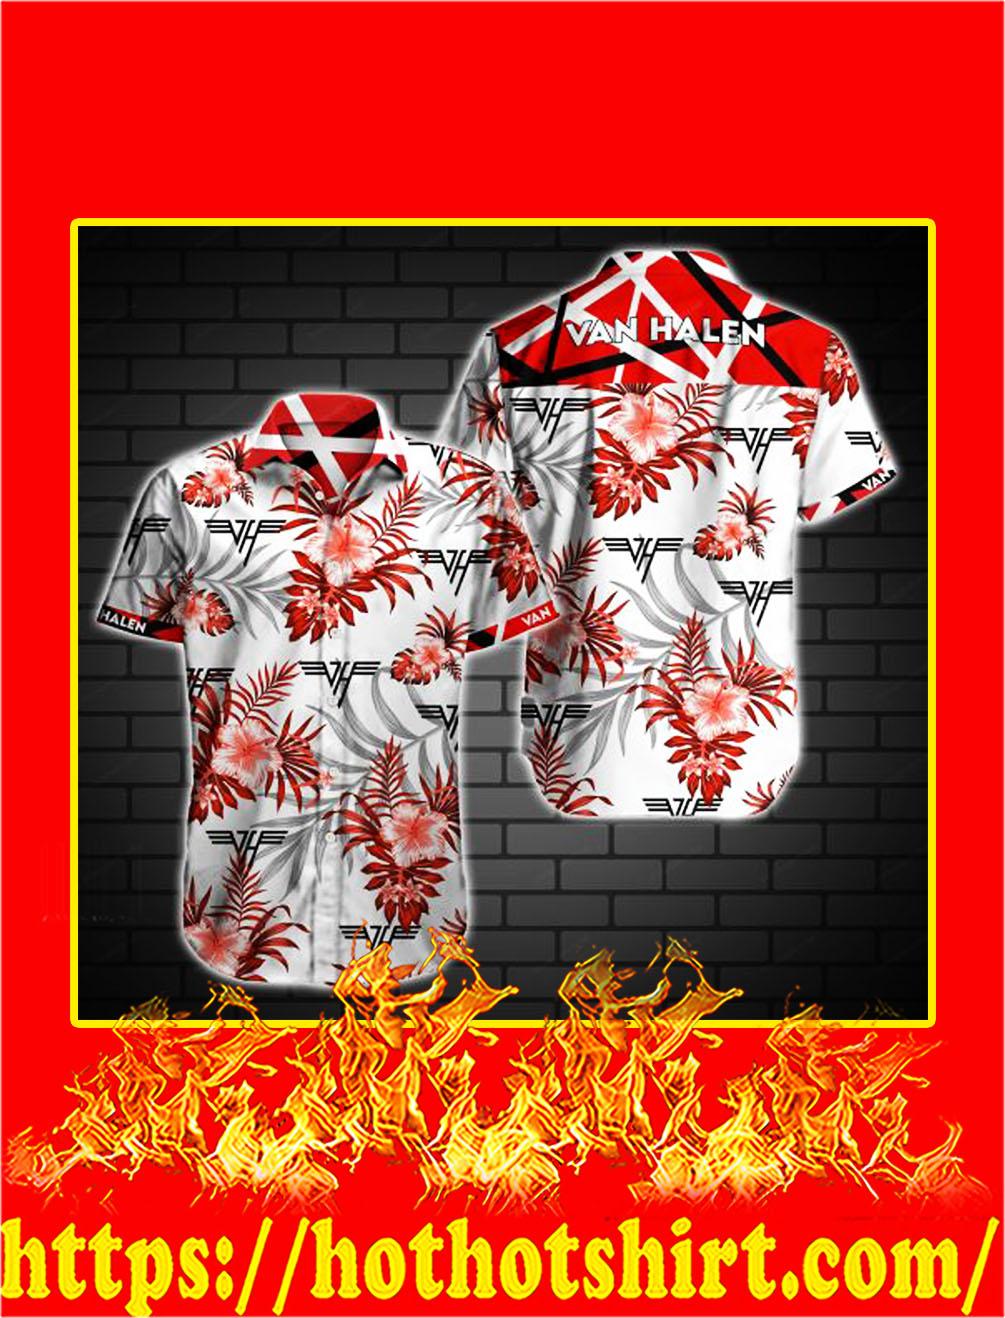 Van halen hawaiian shirt - S